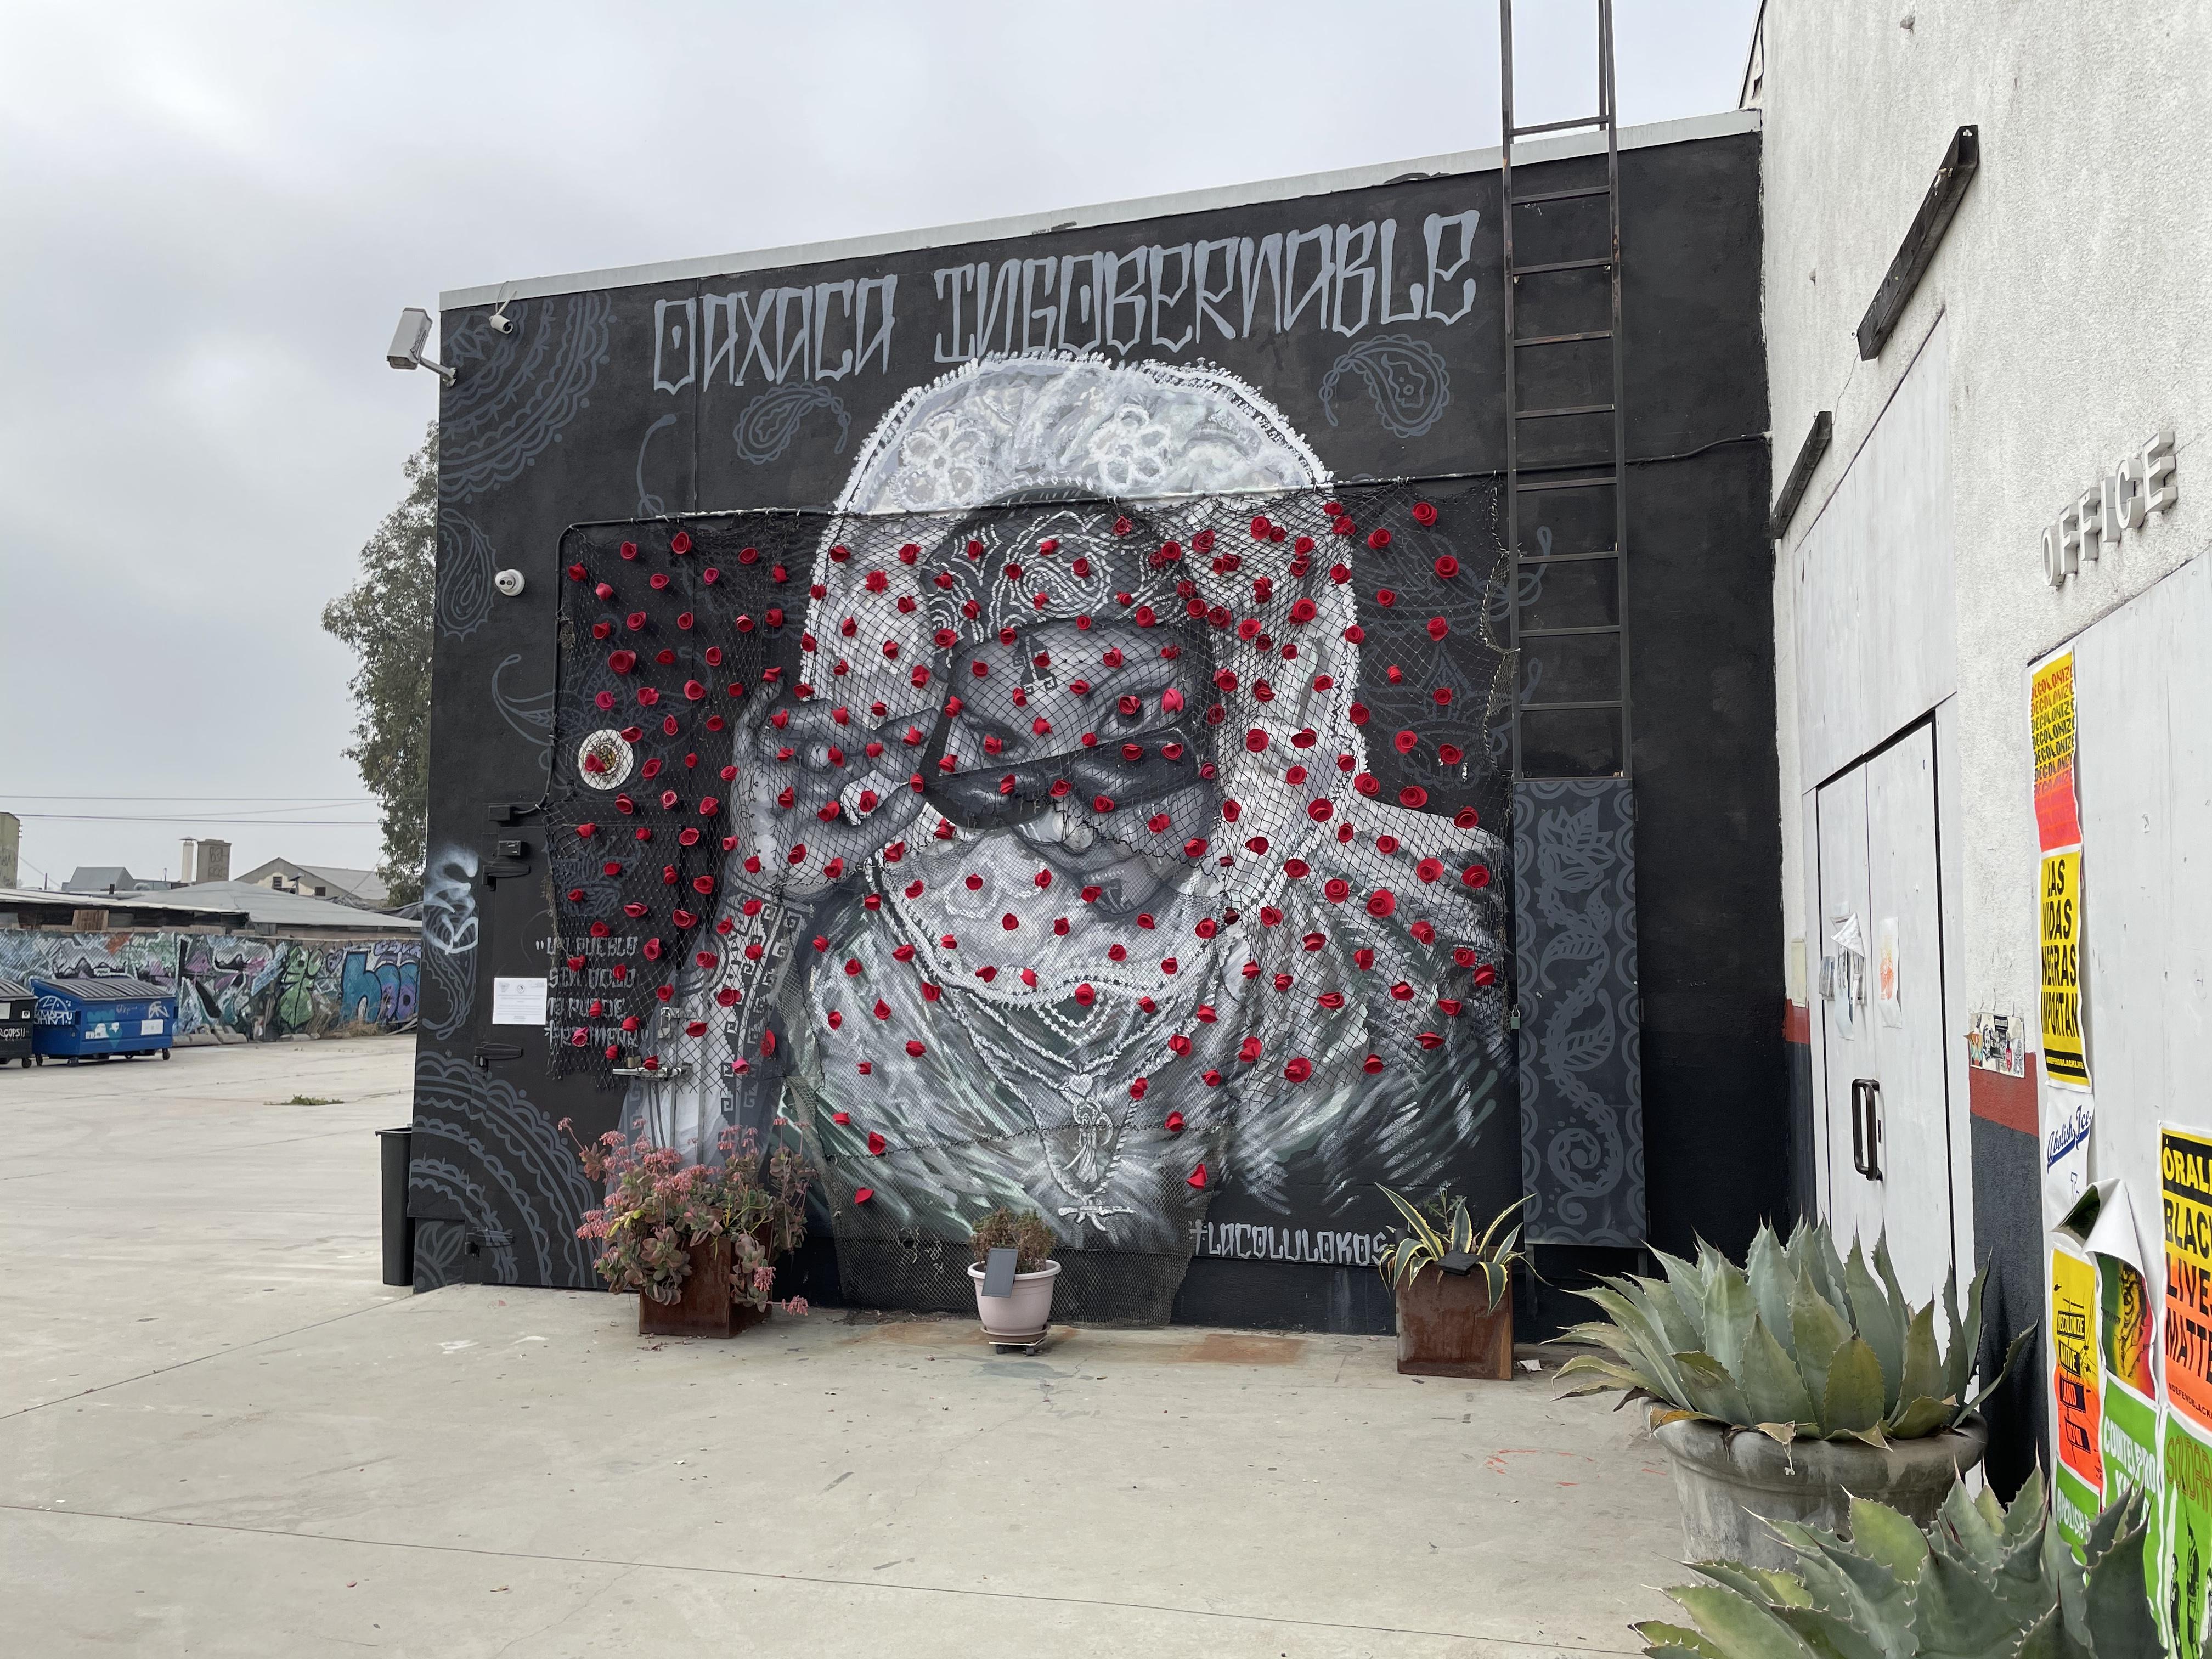 Oaxaca Ingobernable mural